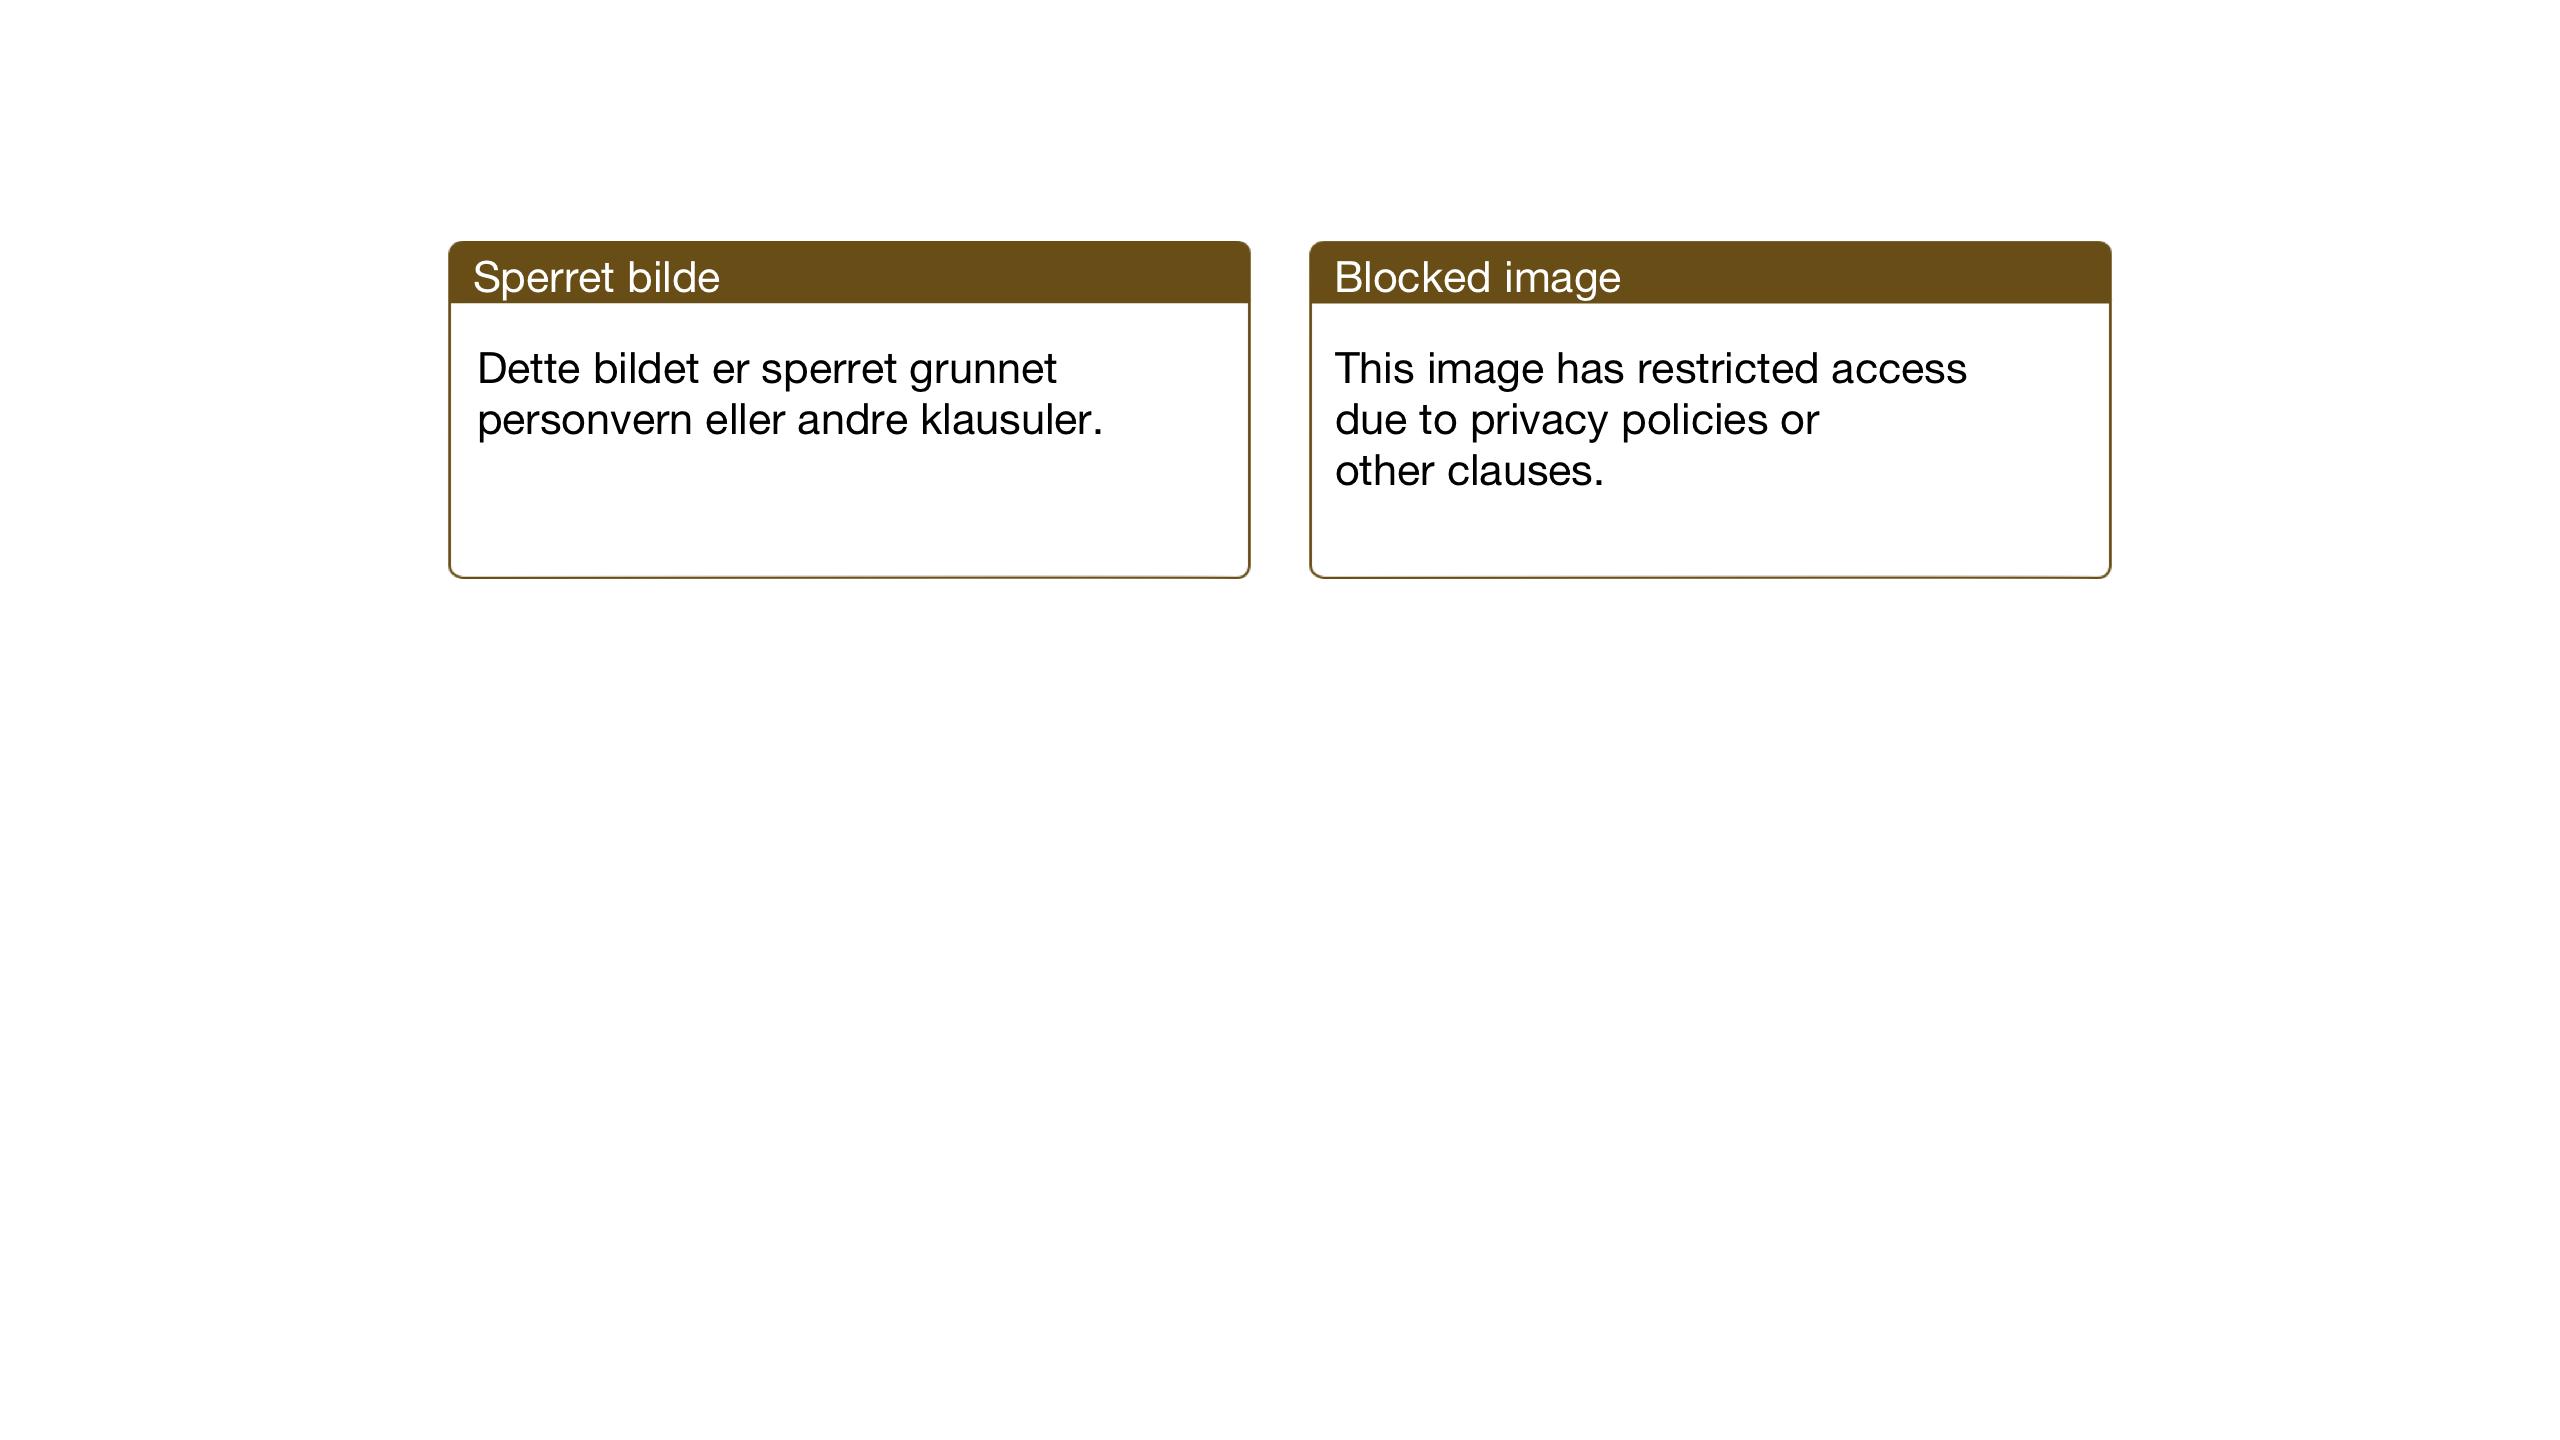 SAT, Ministerialprotokoller, klokkerbøker og fødselsregistre - Sør-Trøndelag, 692/L1114: Klokkerbok nr. 692C09, 1928-1935, s. 43